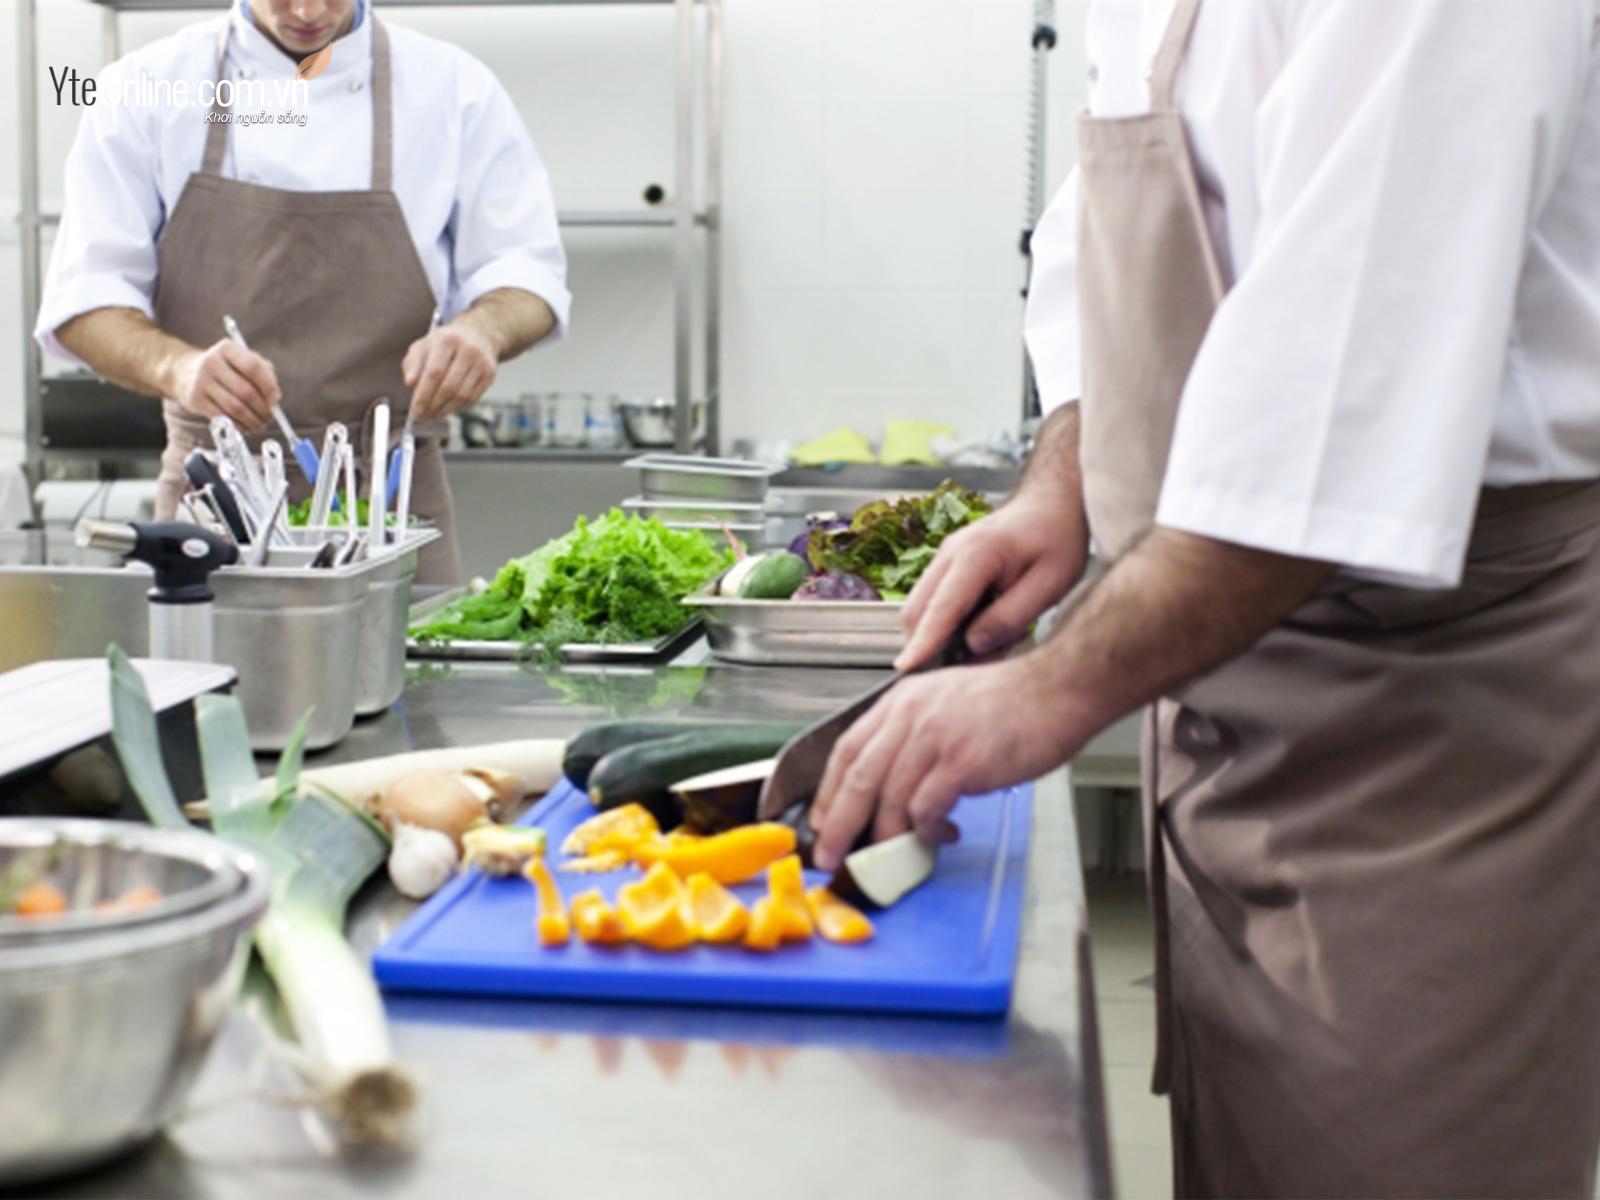 Sử dụng bồn ngâm chân-mẹo giảm đau nhức chân phụ bếp nhà hàng